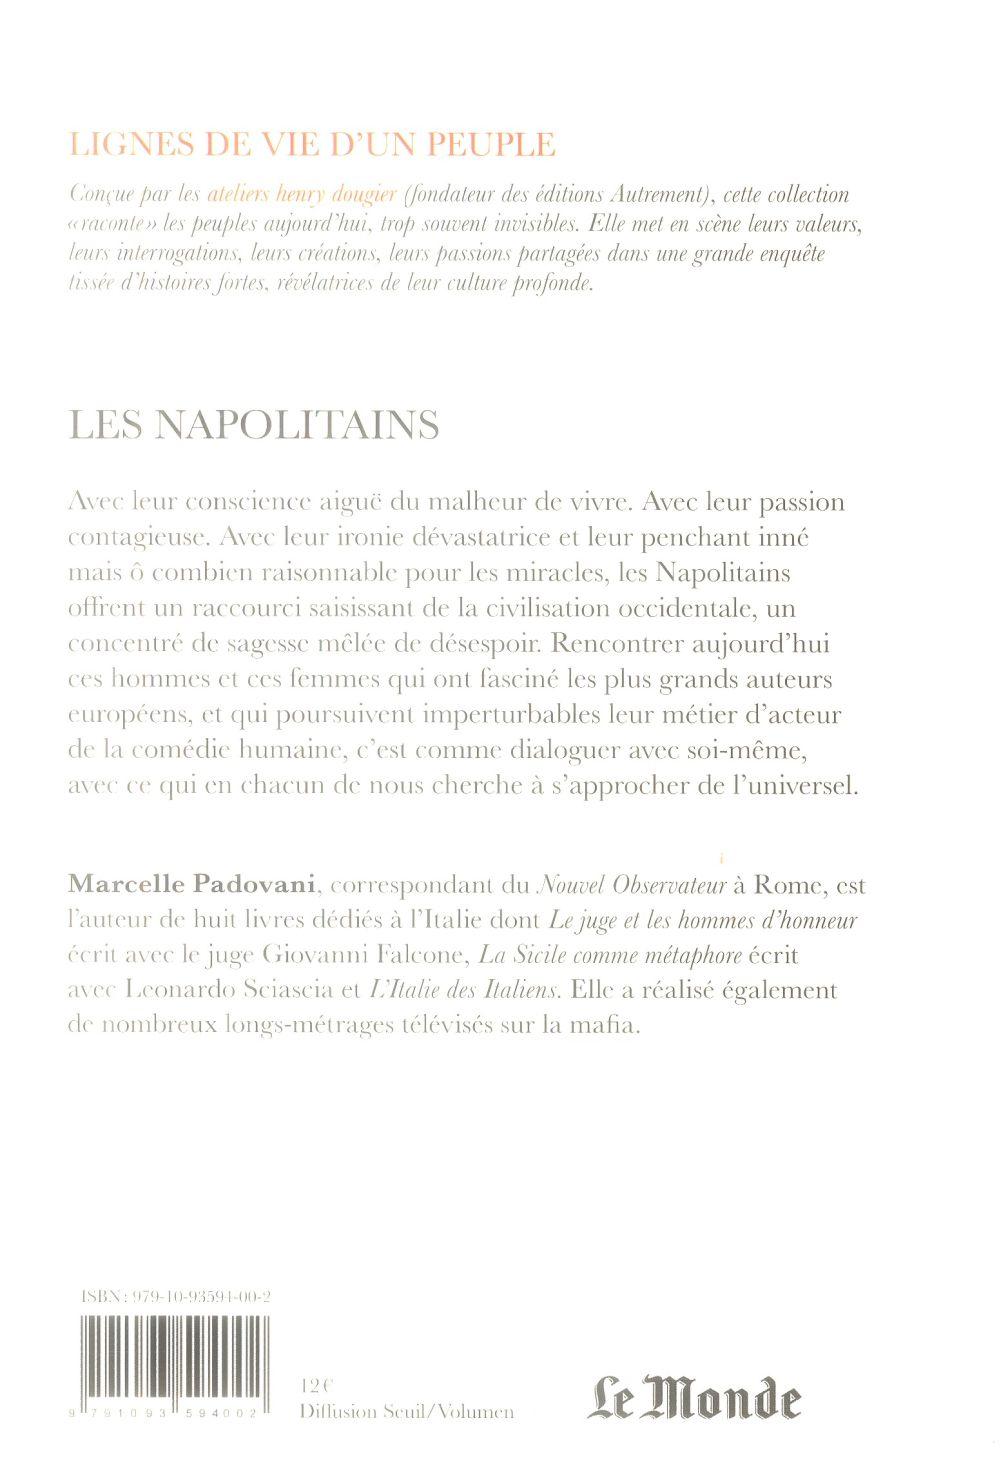 Les Napolitains